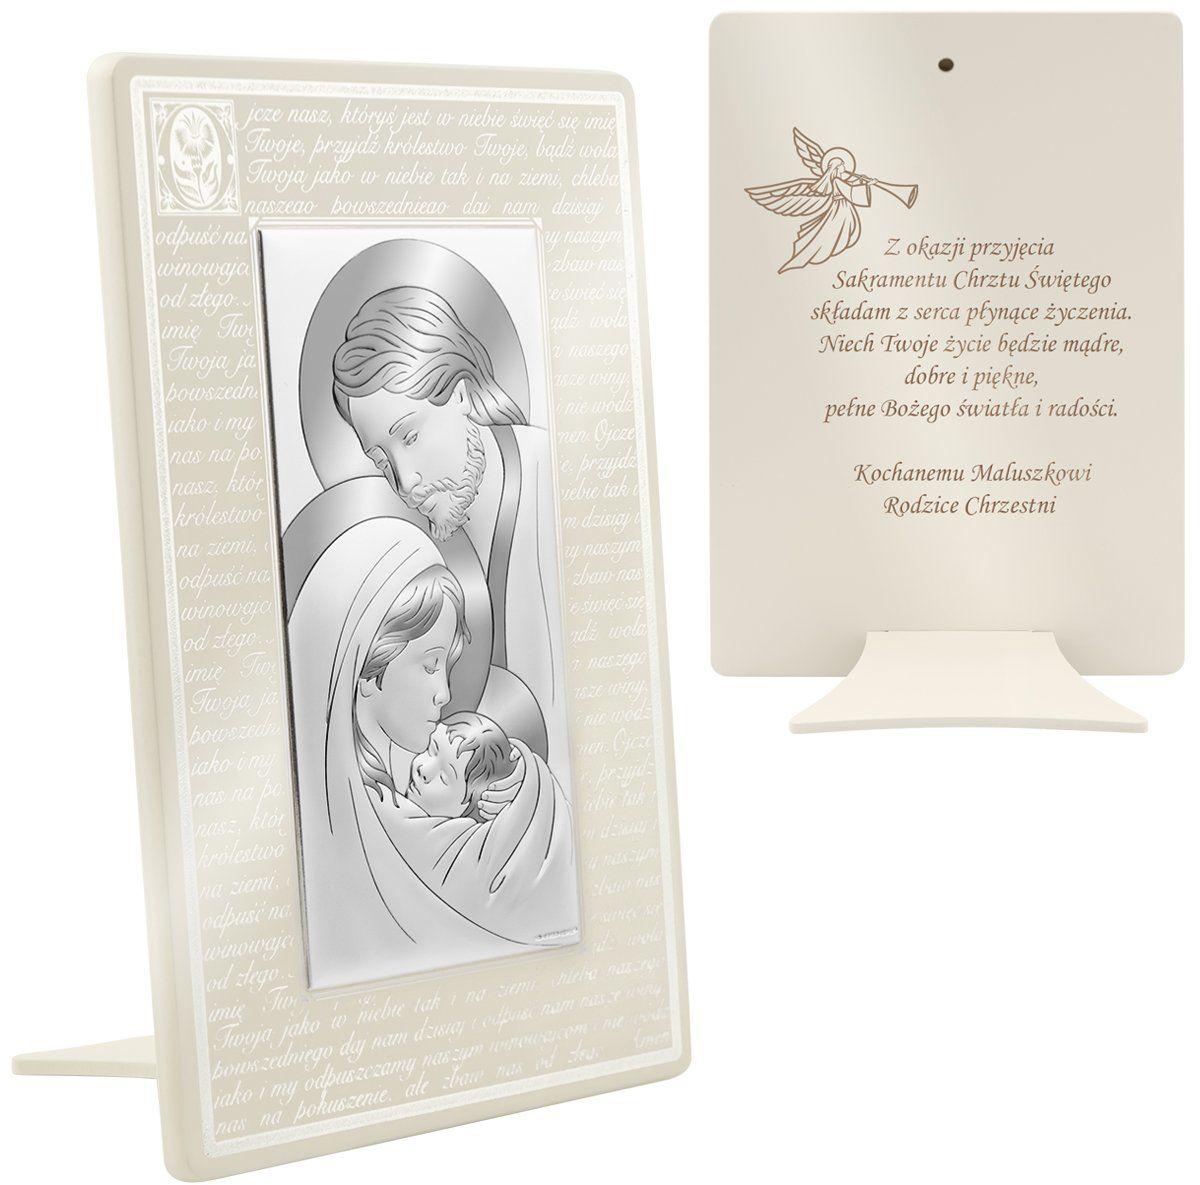 Srebrny obrazek na chrzest Święta Rodzina na beżowym drewnie z modlitwą Ojcze nasz 17x26 cm Grawer